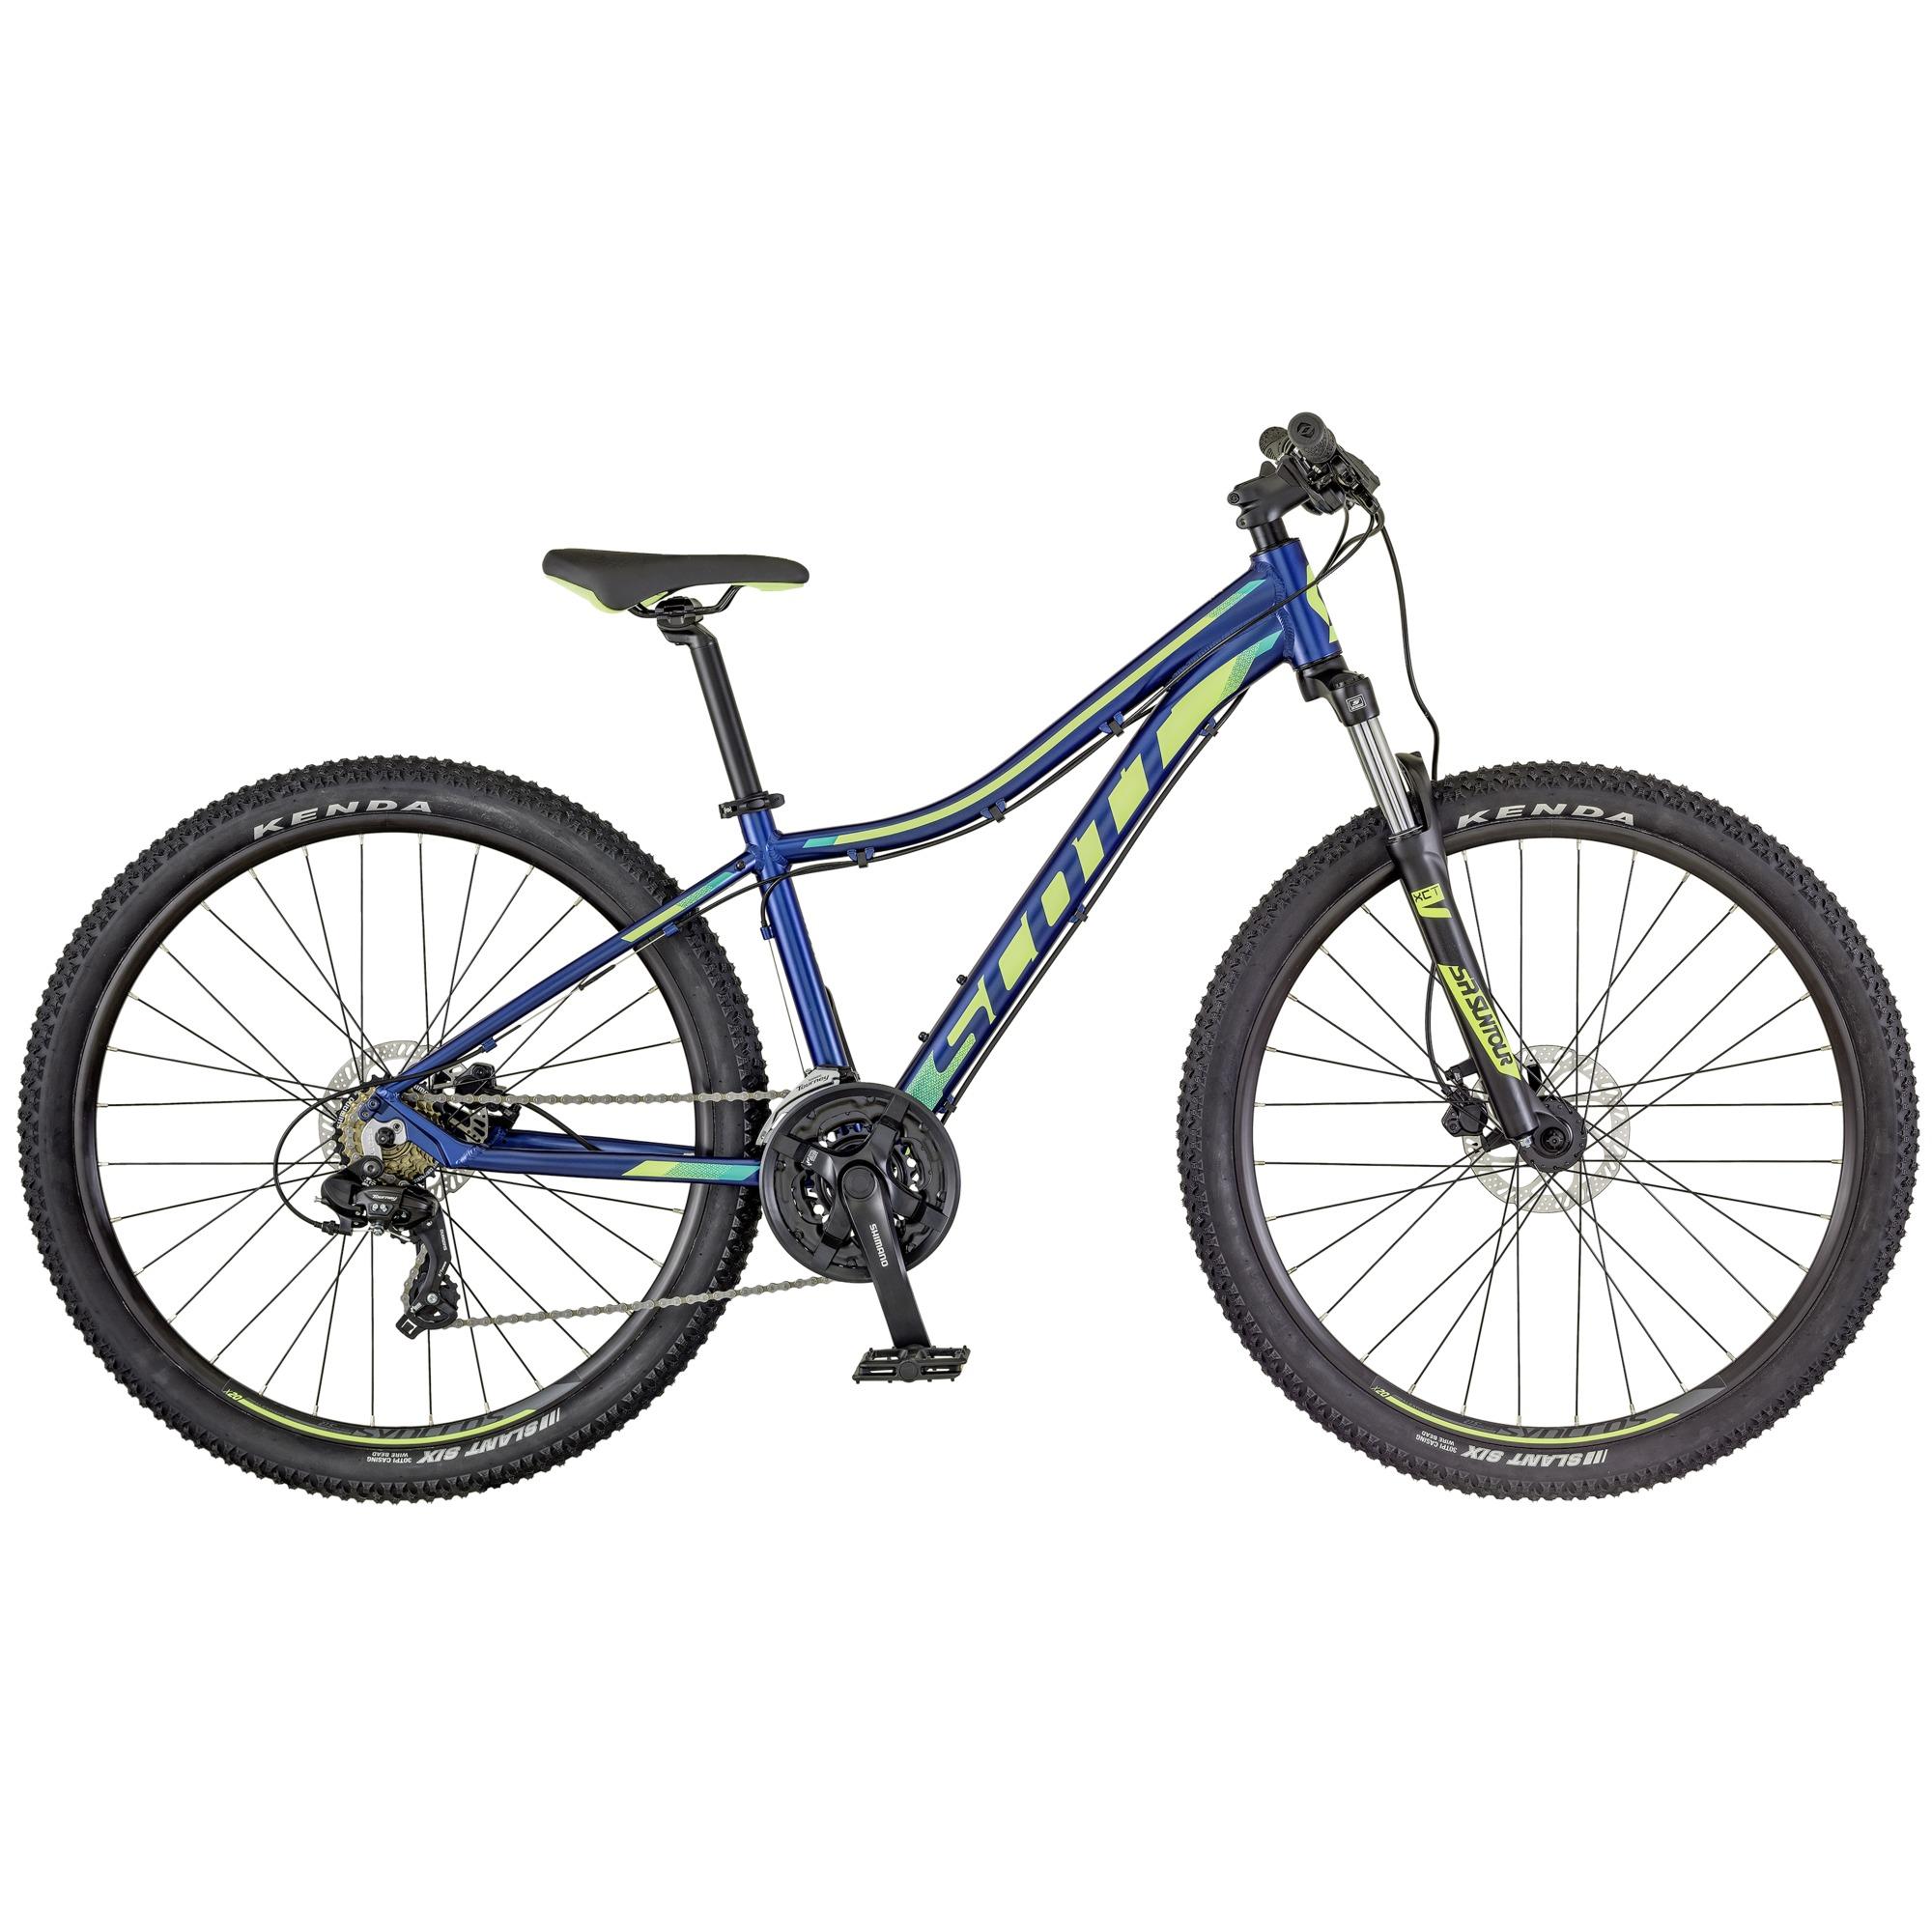 SCOTT Contessa 730 Bike blue/teal L - Zweirad Homann